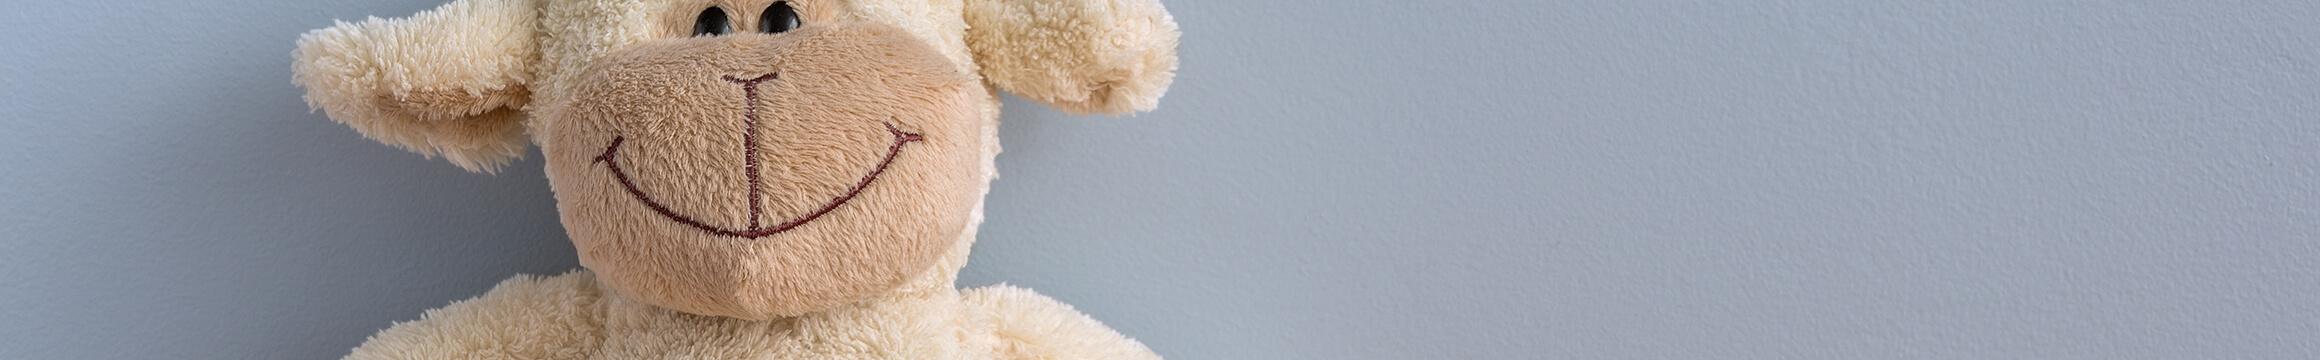 Baby Child 06